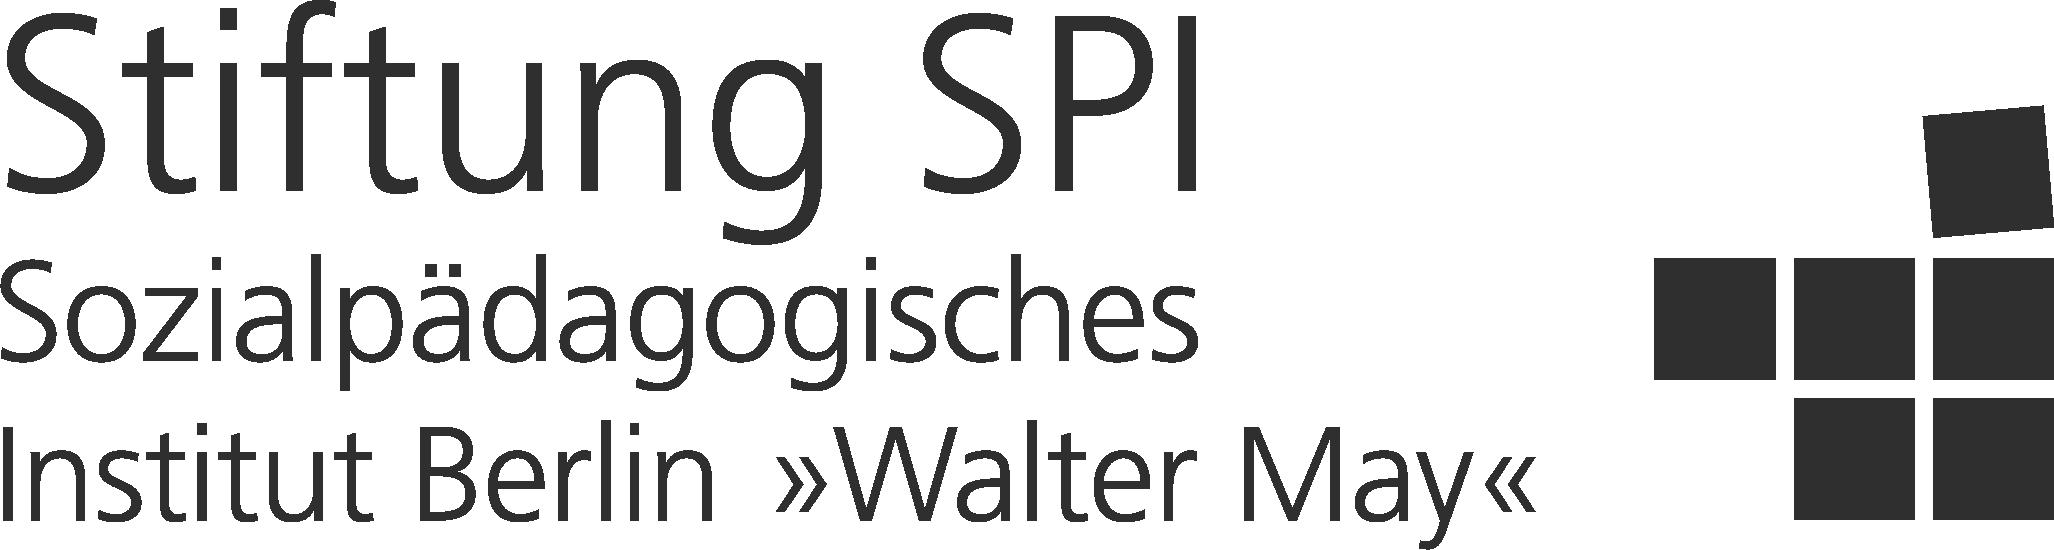 Das Logo der Stiftung SPI